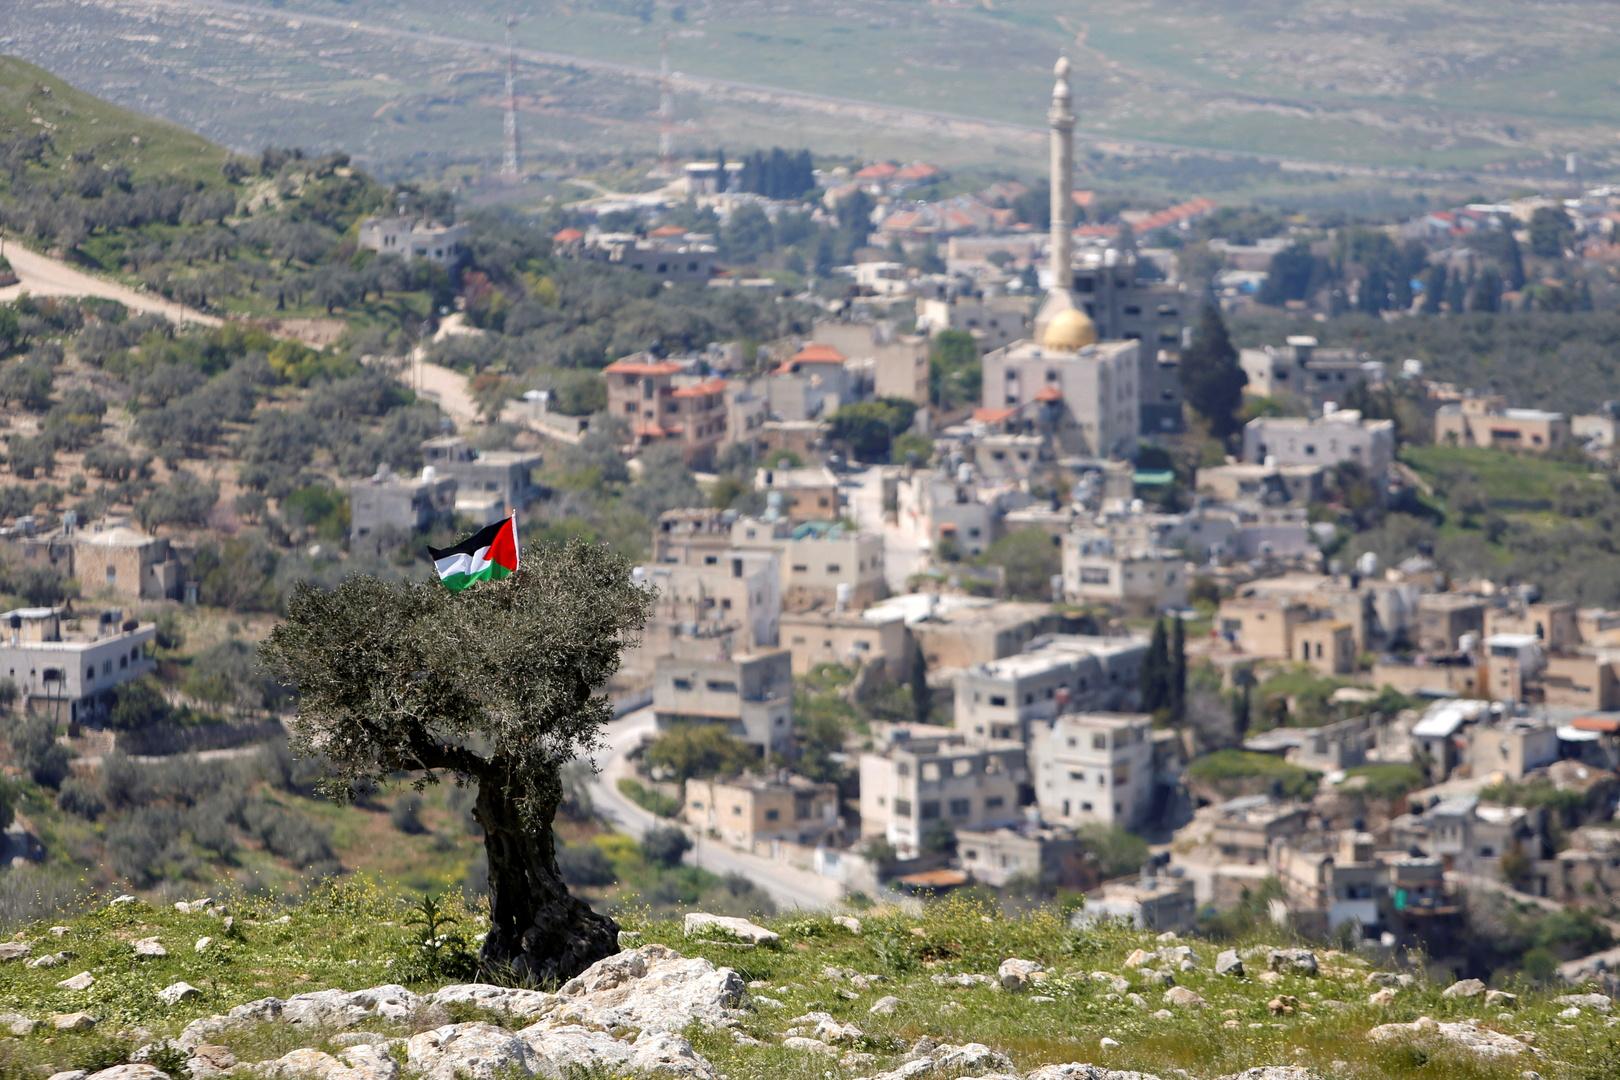 إعلام عبري:  إخلاء البؤرة الاستيطانية في جبل صبيح قد ينفذ نهاية الشهر